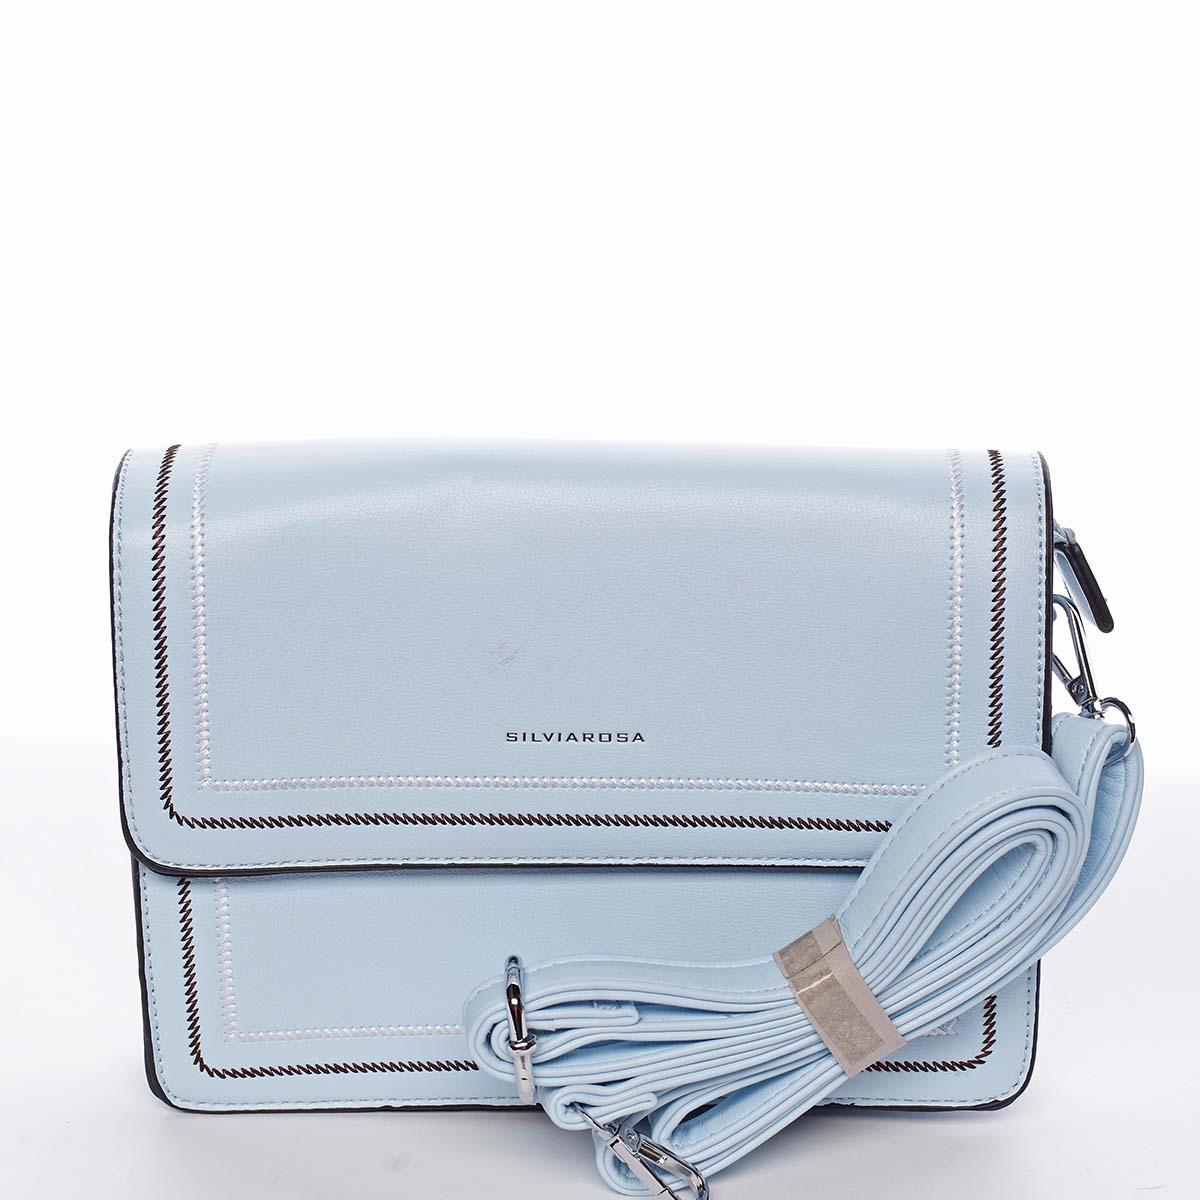 Originálna elegantná crossbody kabelka nebesky modrá - Silvia Rosa Cielo modrá